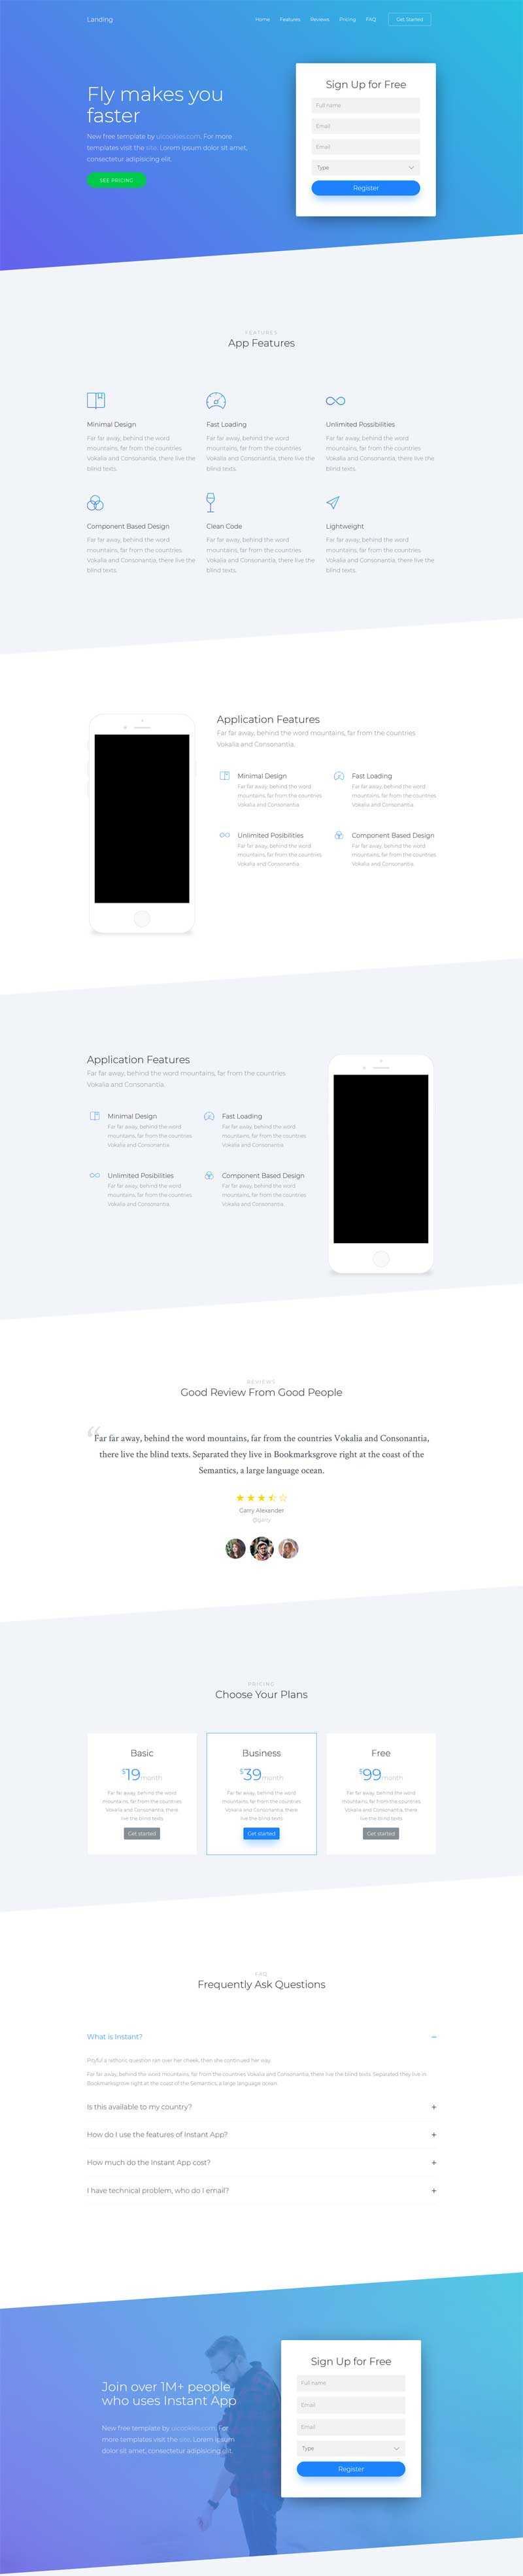 蓝色简洁的app应用介绍注册页面模板